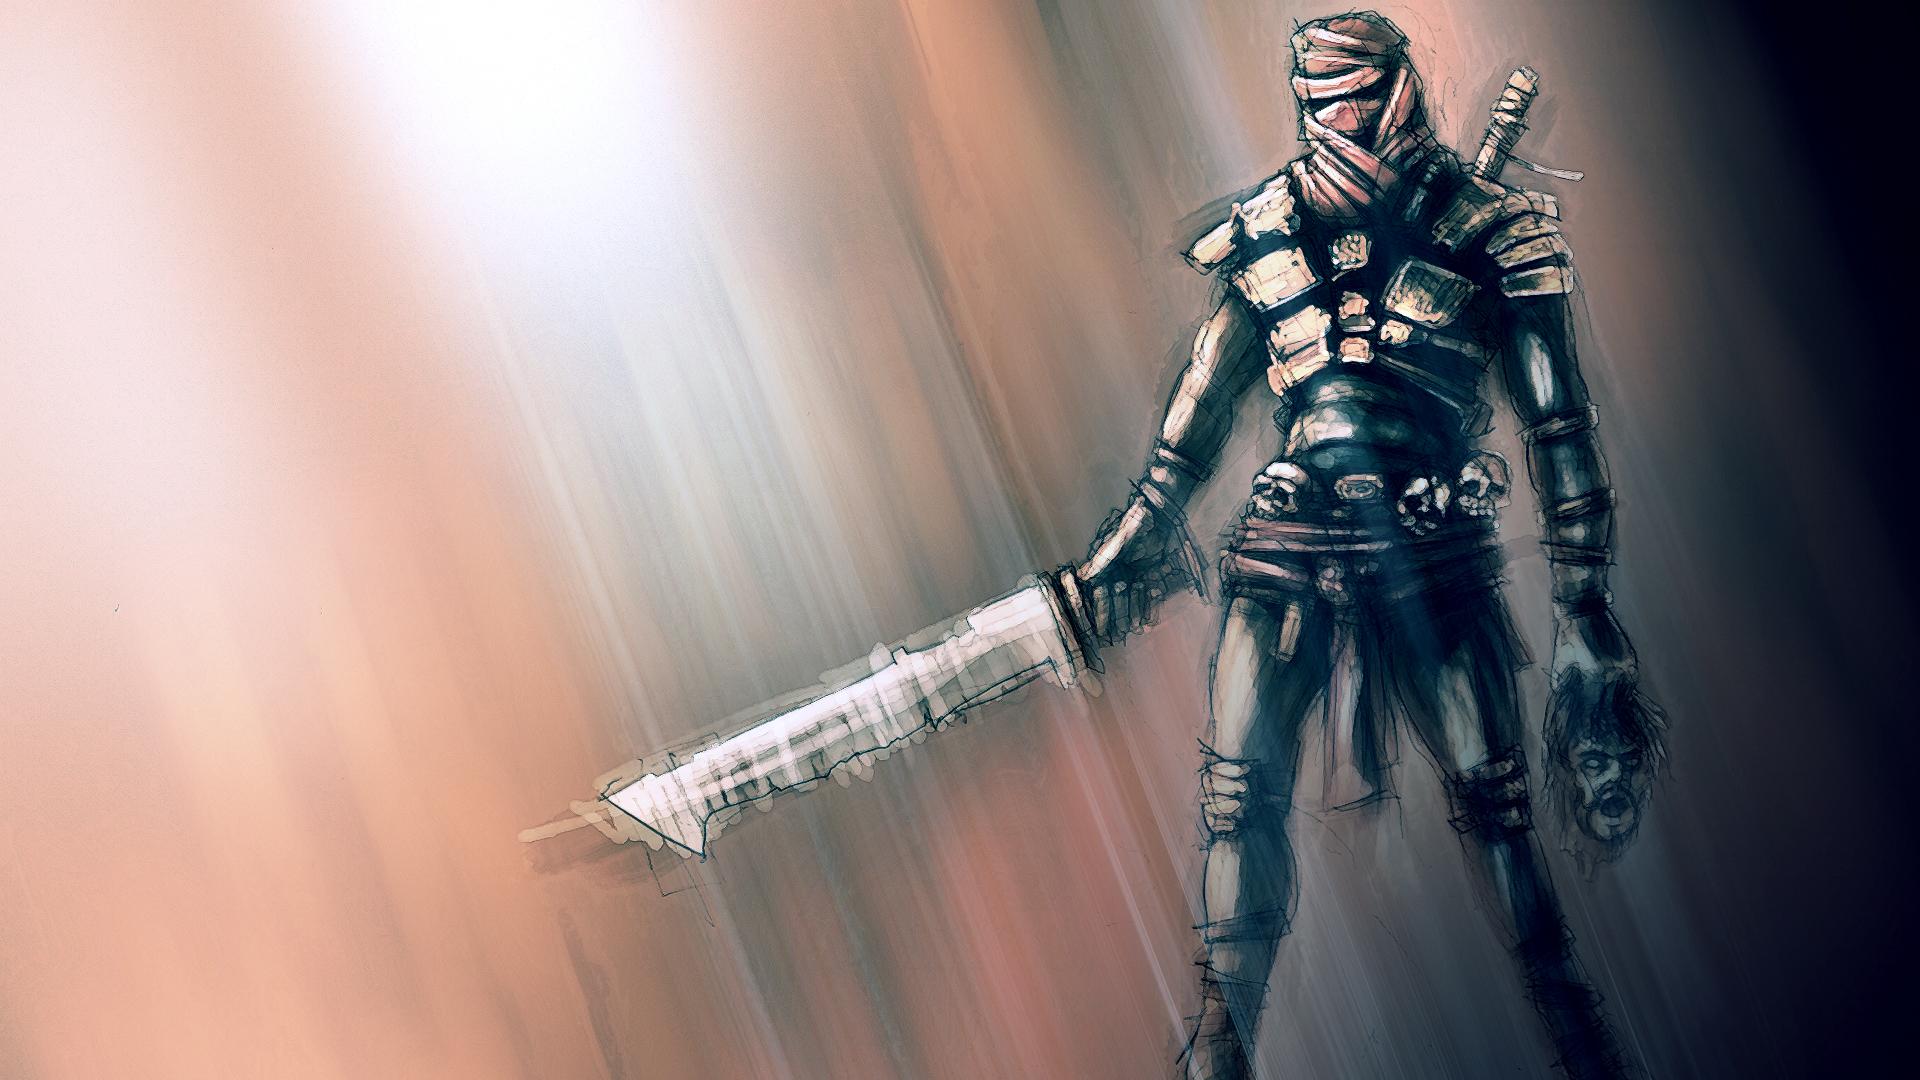 Highlander_Future_Warrior 2